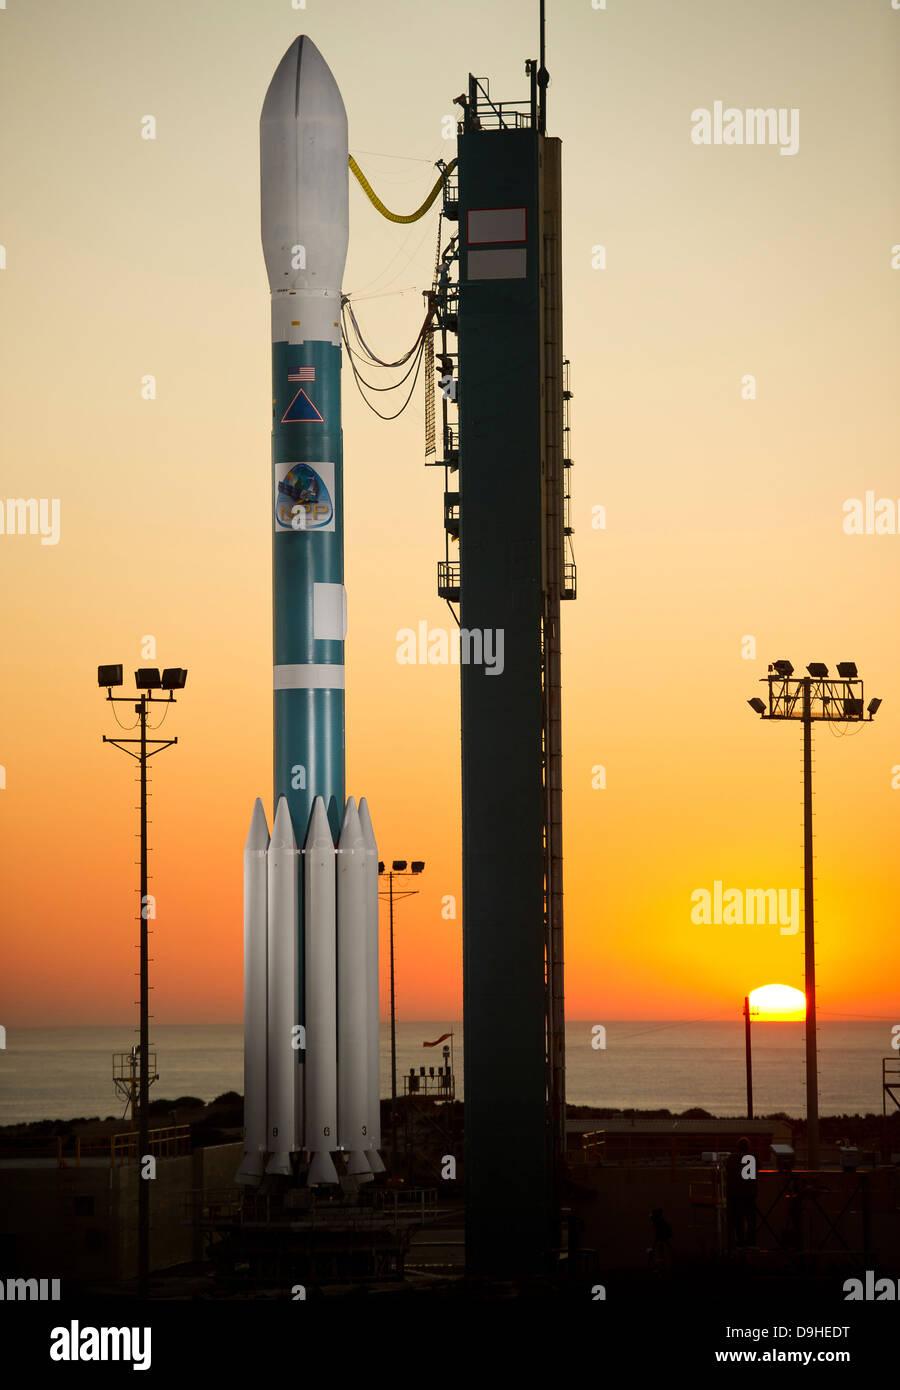 El cohete Delta II en su plataforma de lanzamiento. Imagen De Stock